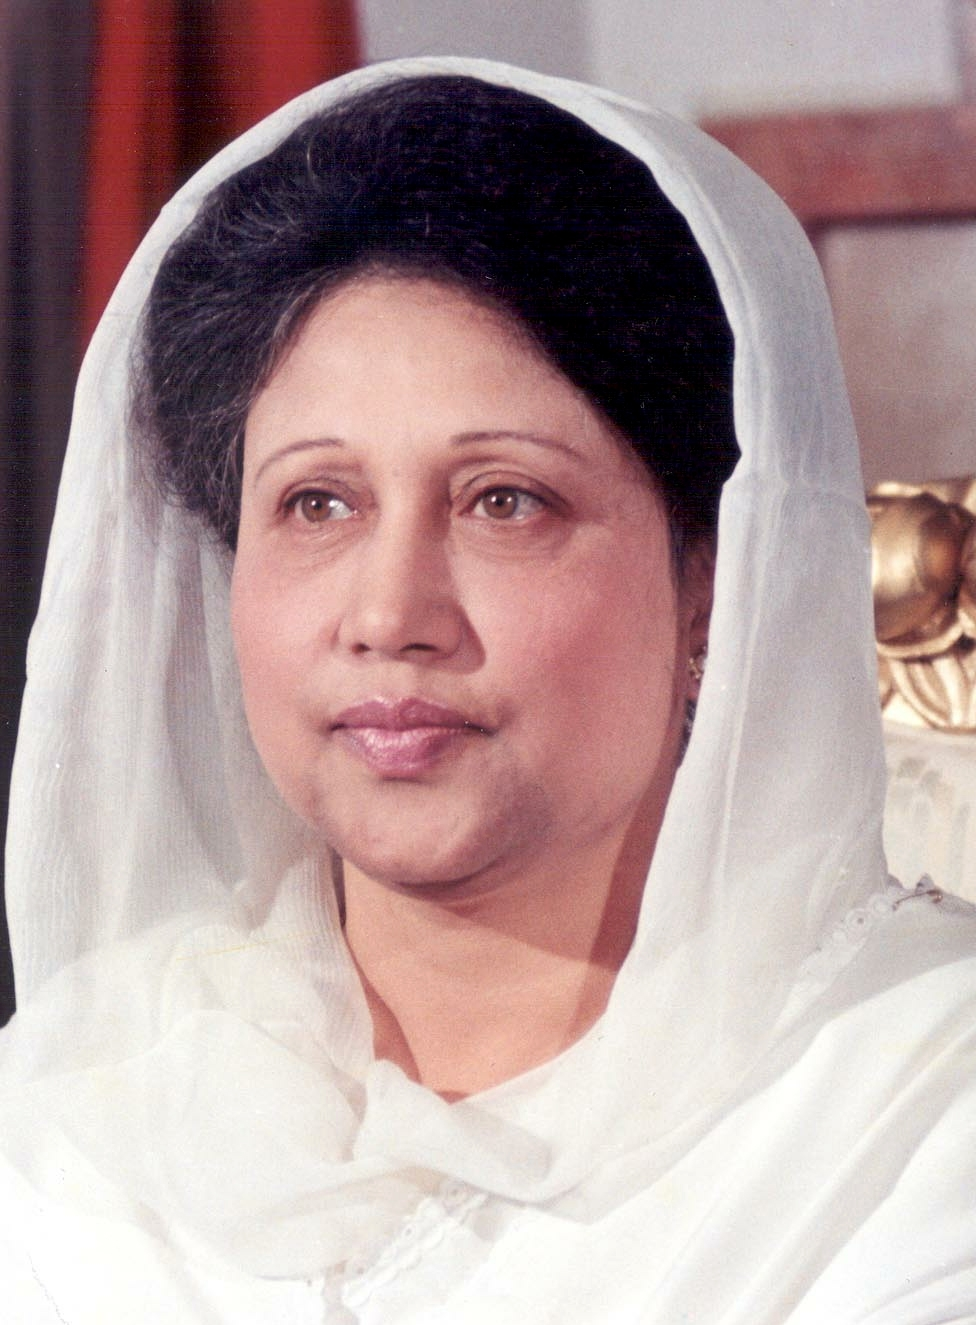 Khaleda Zia's quote #1